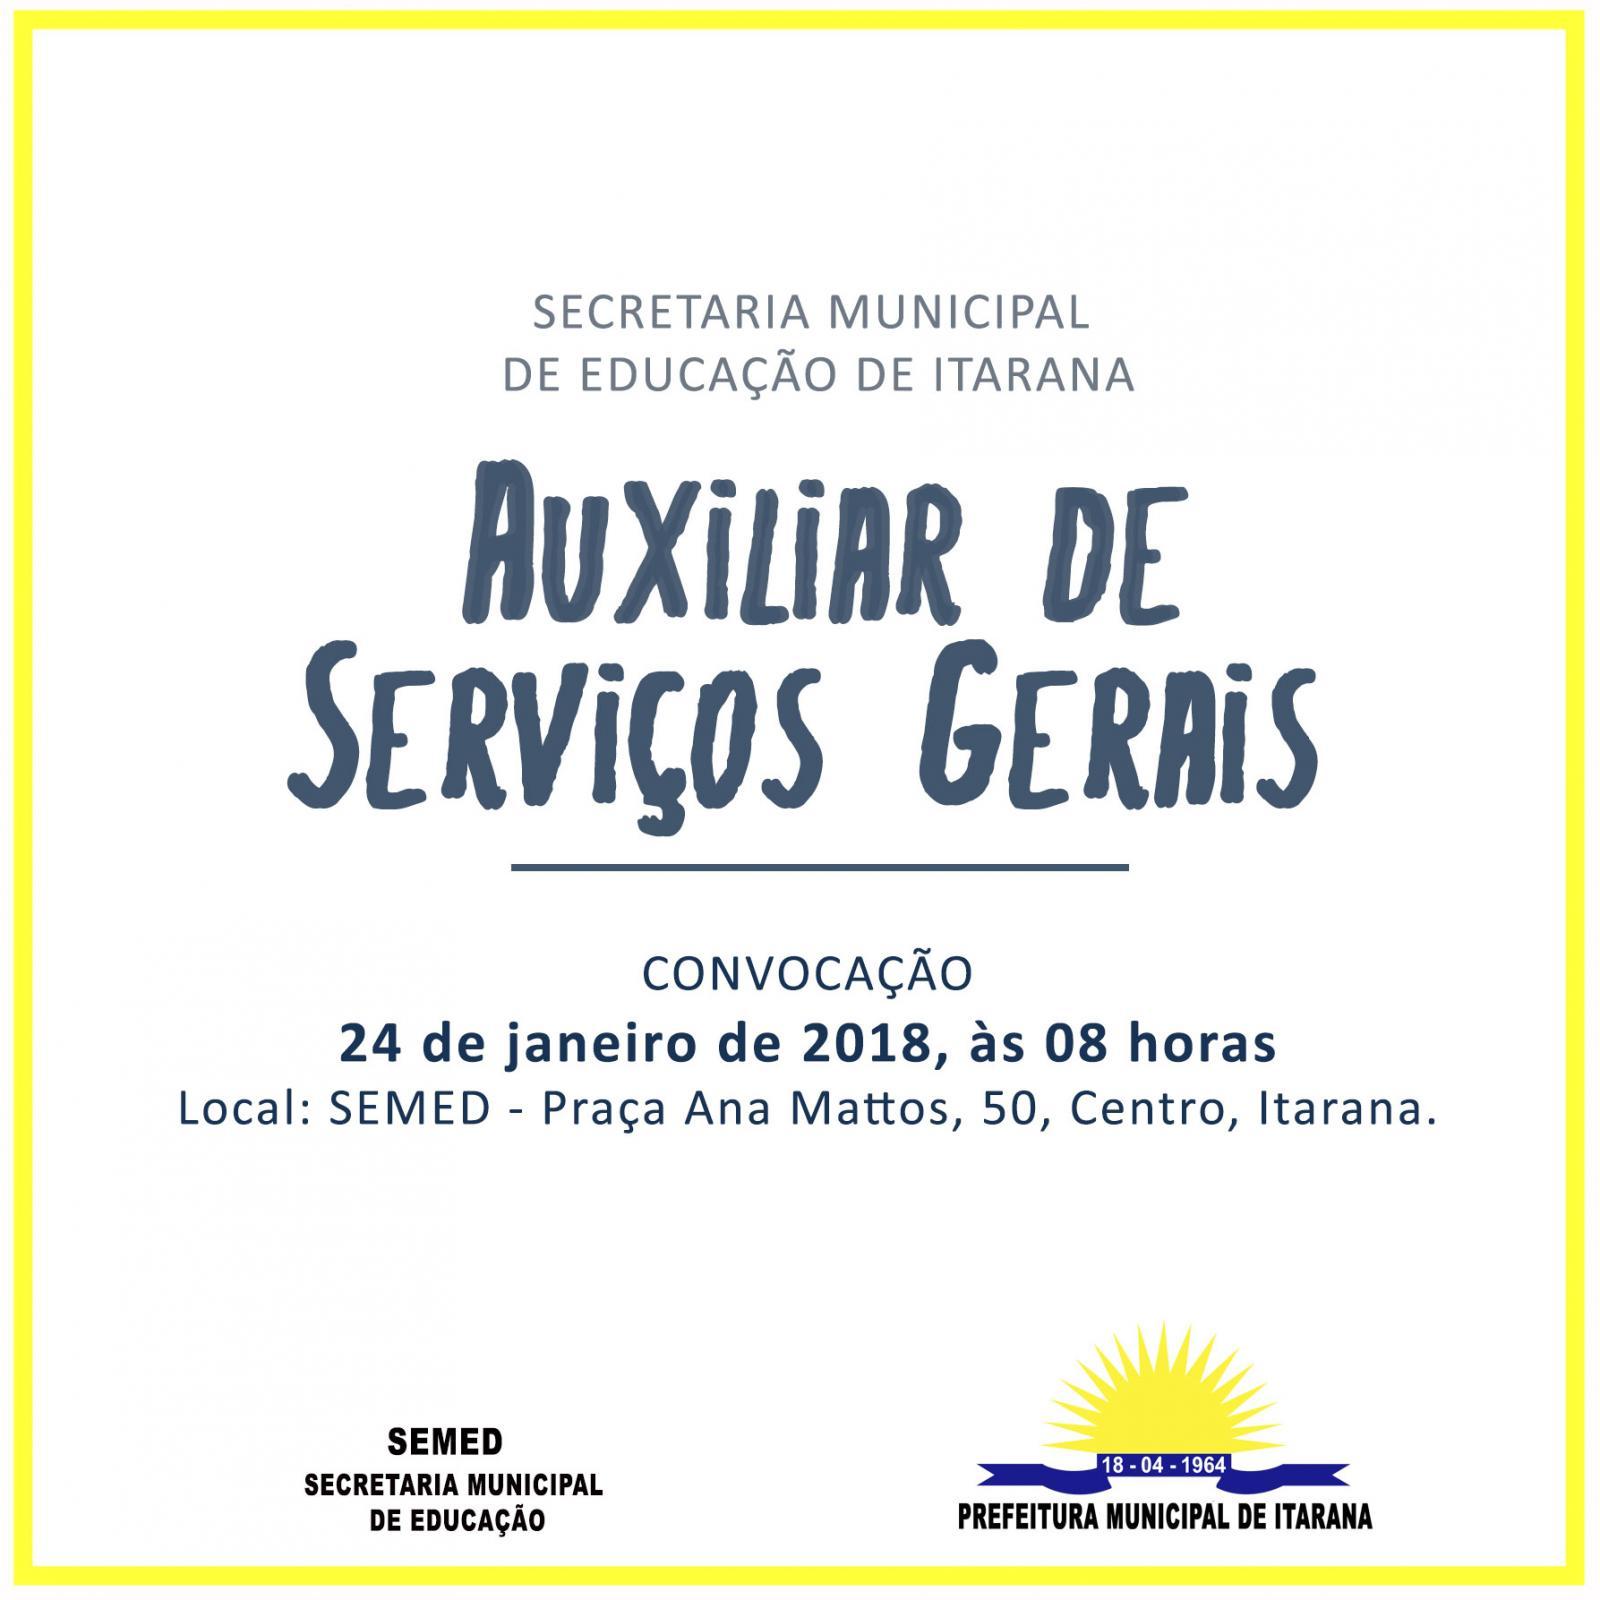 Convocação Auxiliares de Serviços Gerais da Educação